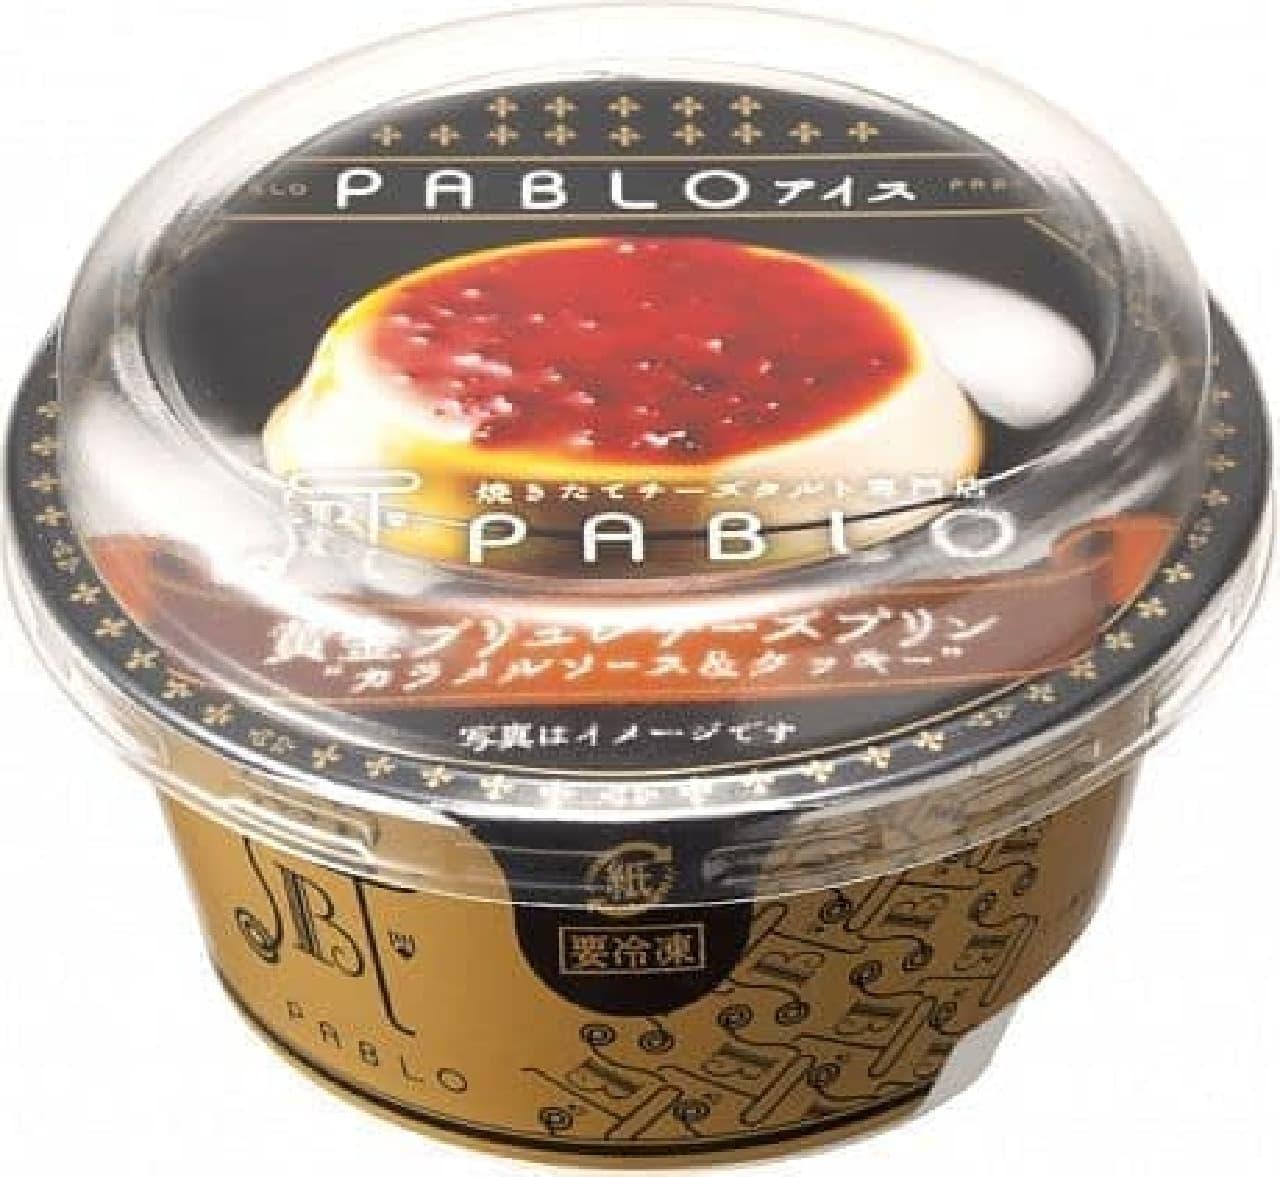 赤城乳業「PABLOアイス 黄金ブリュレチーズプリン」